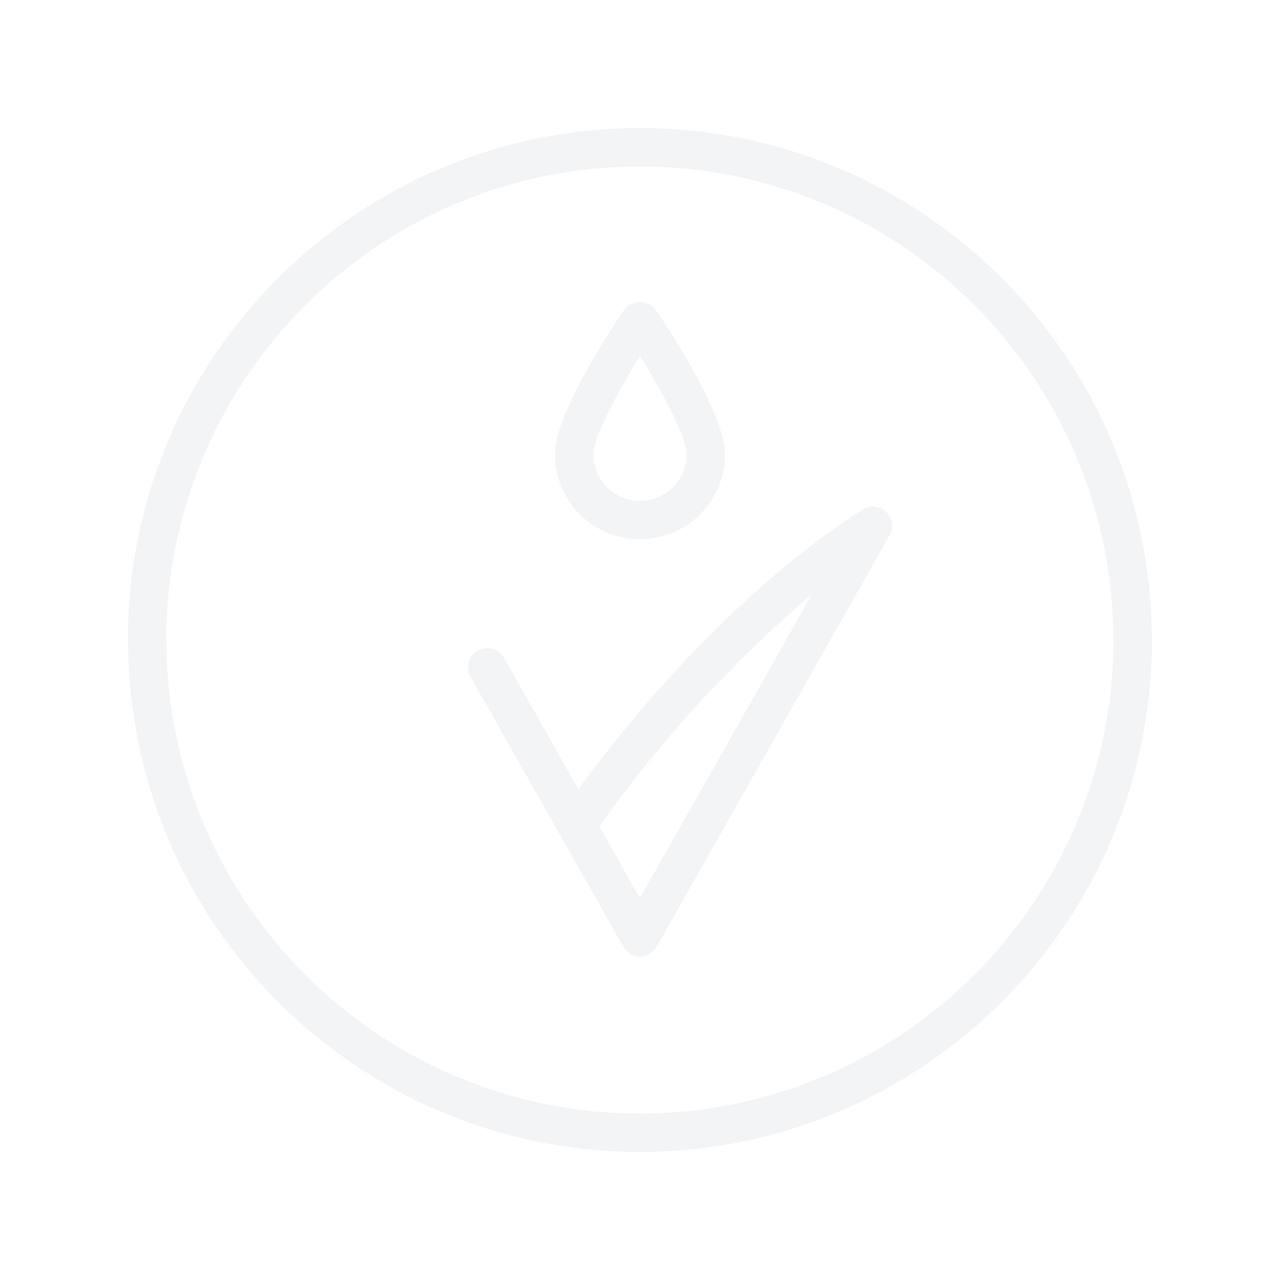 ALESSANDRO Hand!Spa Pistachio Delicate Hand Cream 10ml